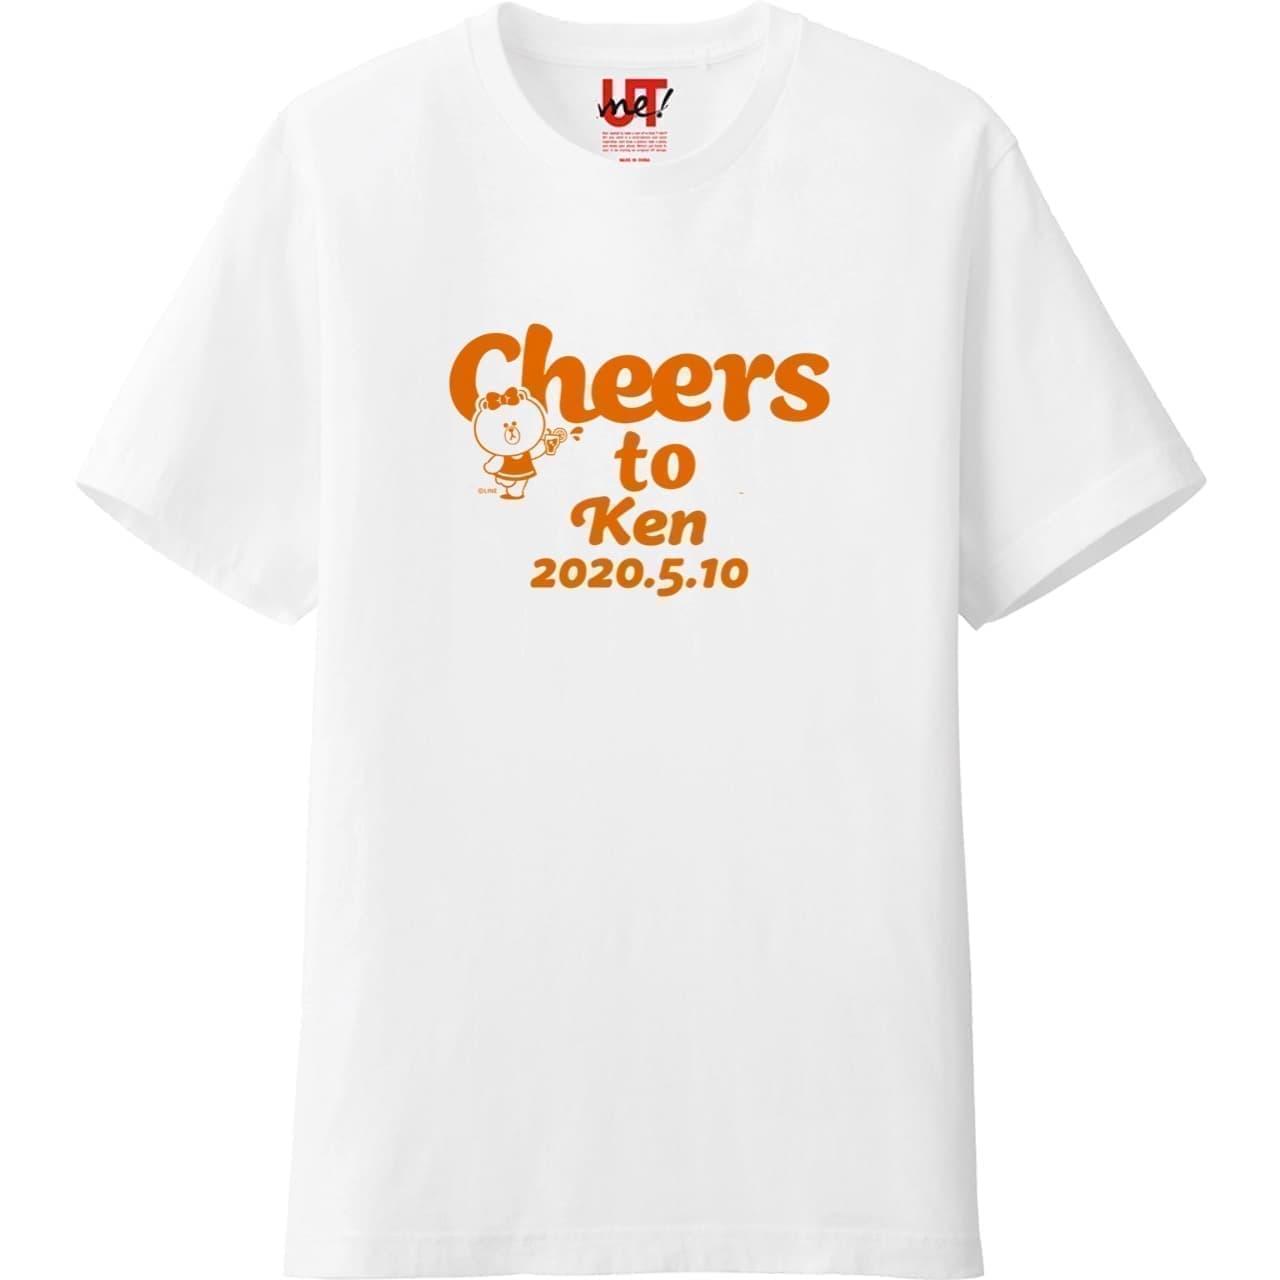 ユニクロ「UTme!」が「LINE FRIENDS」とコラボ -- メッセージ入りオリジナルTシャツを簡単に作成